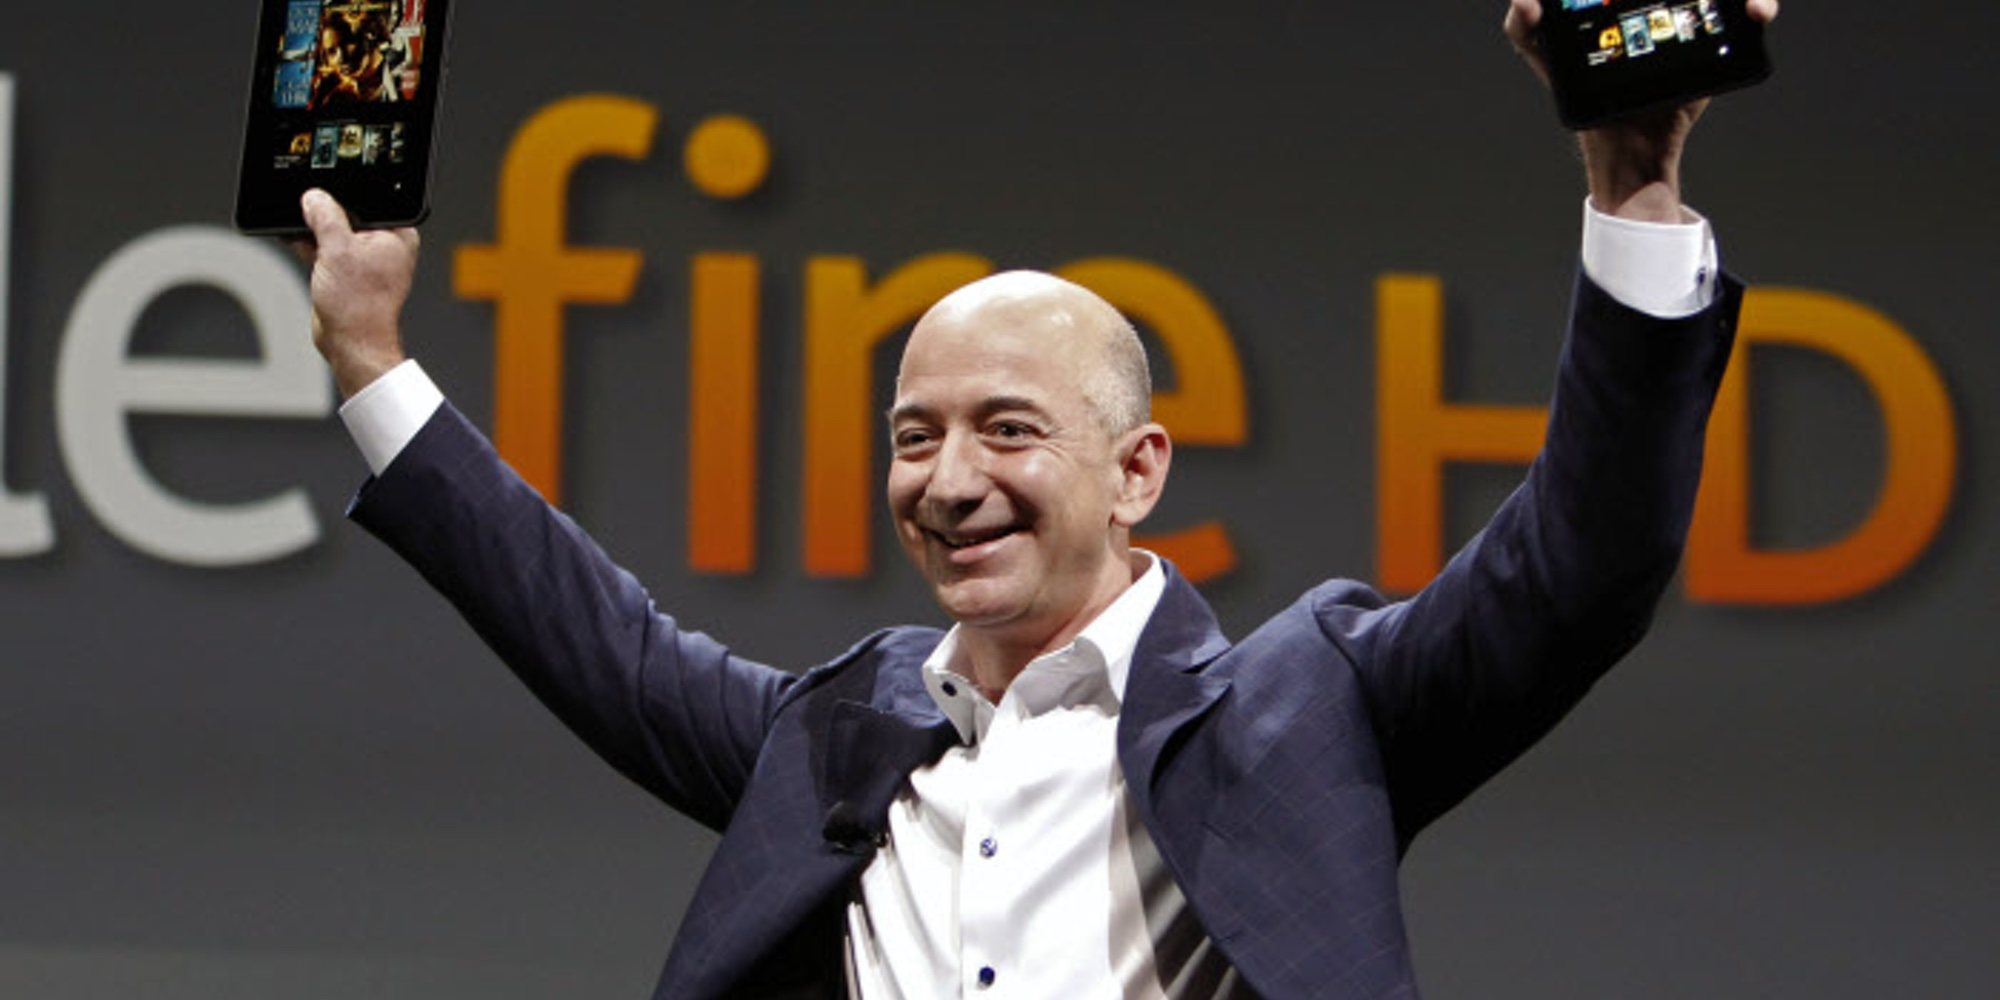 Jeff Bezos, fundador de Amazon, anuncia su divorcio de MacKenzie Bezos tras 25 años casados